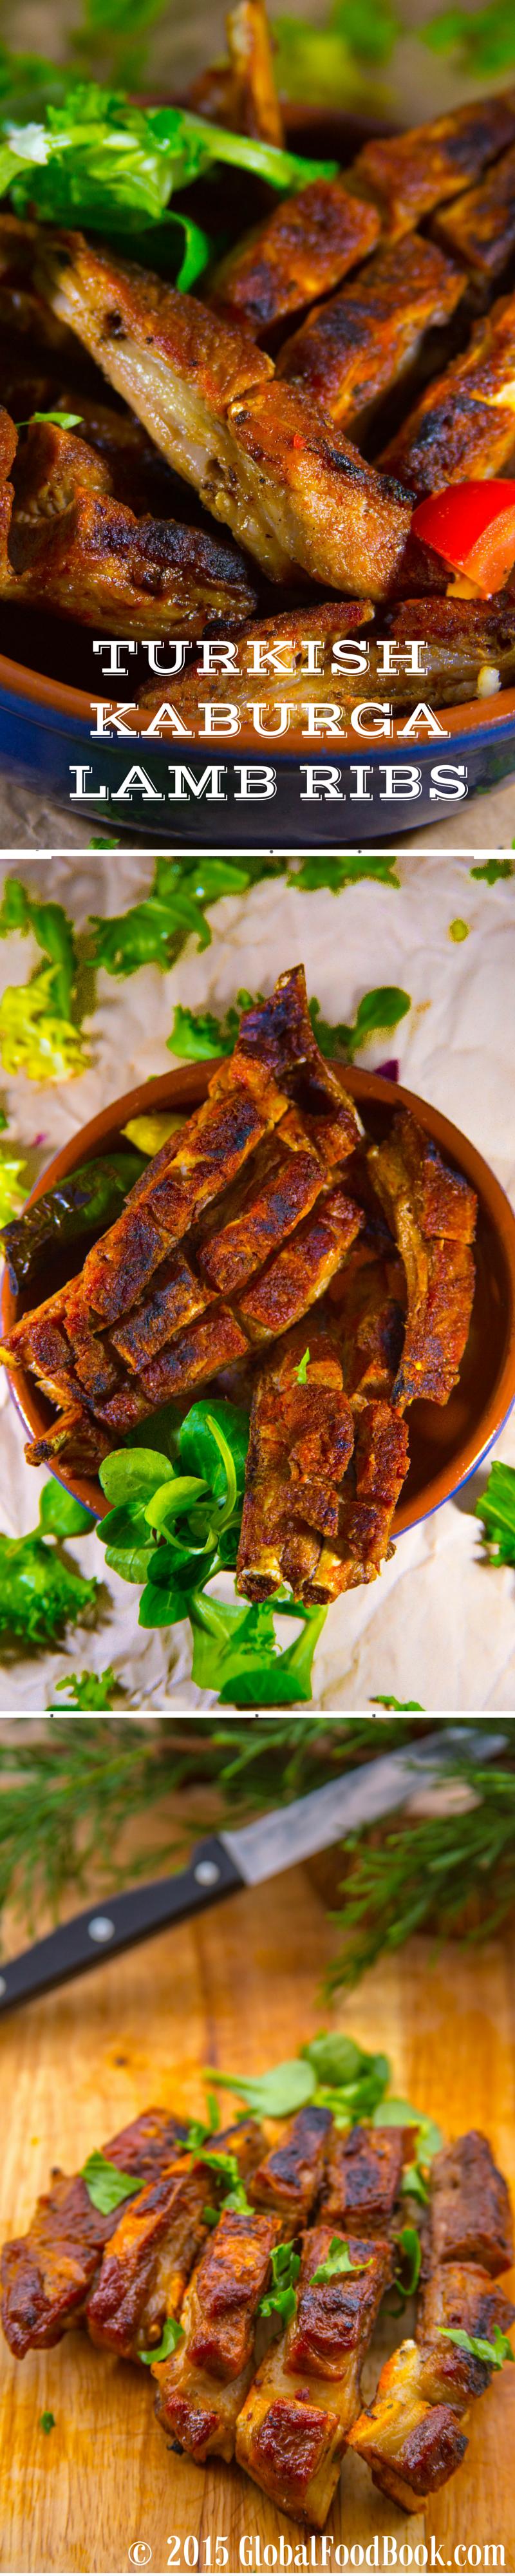 Turkish Kaburga Lamb Ribs Recipe Lamb Ribs Lamb Recipes Food